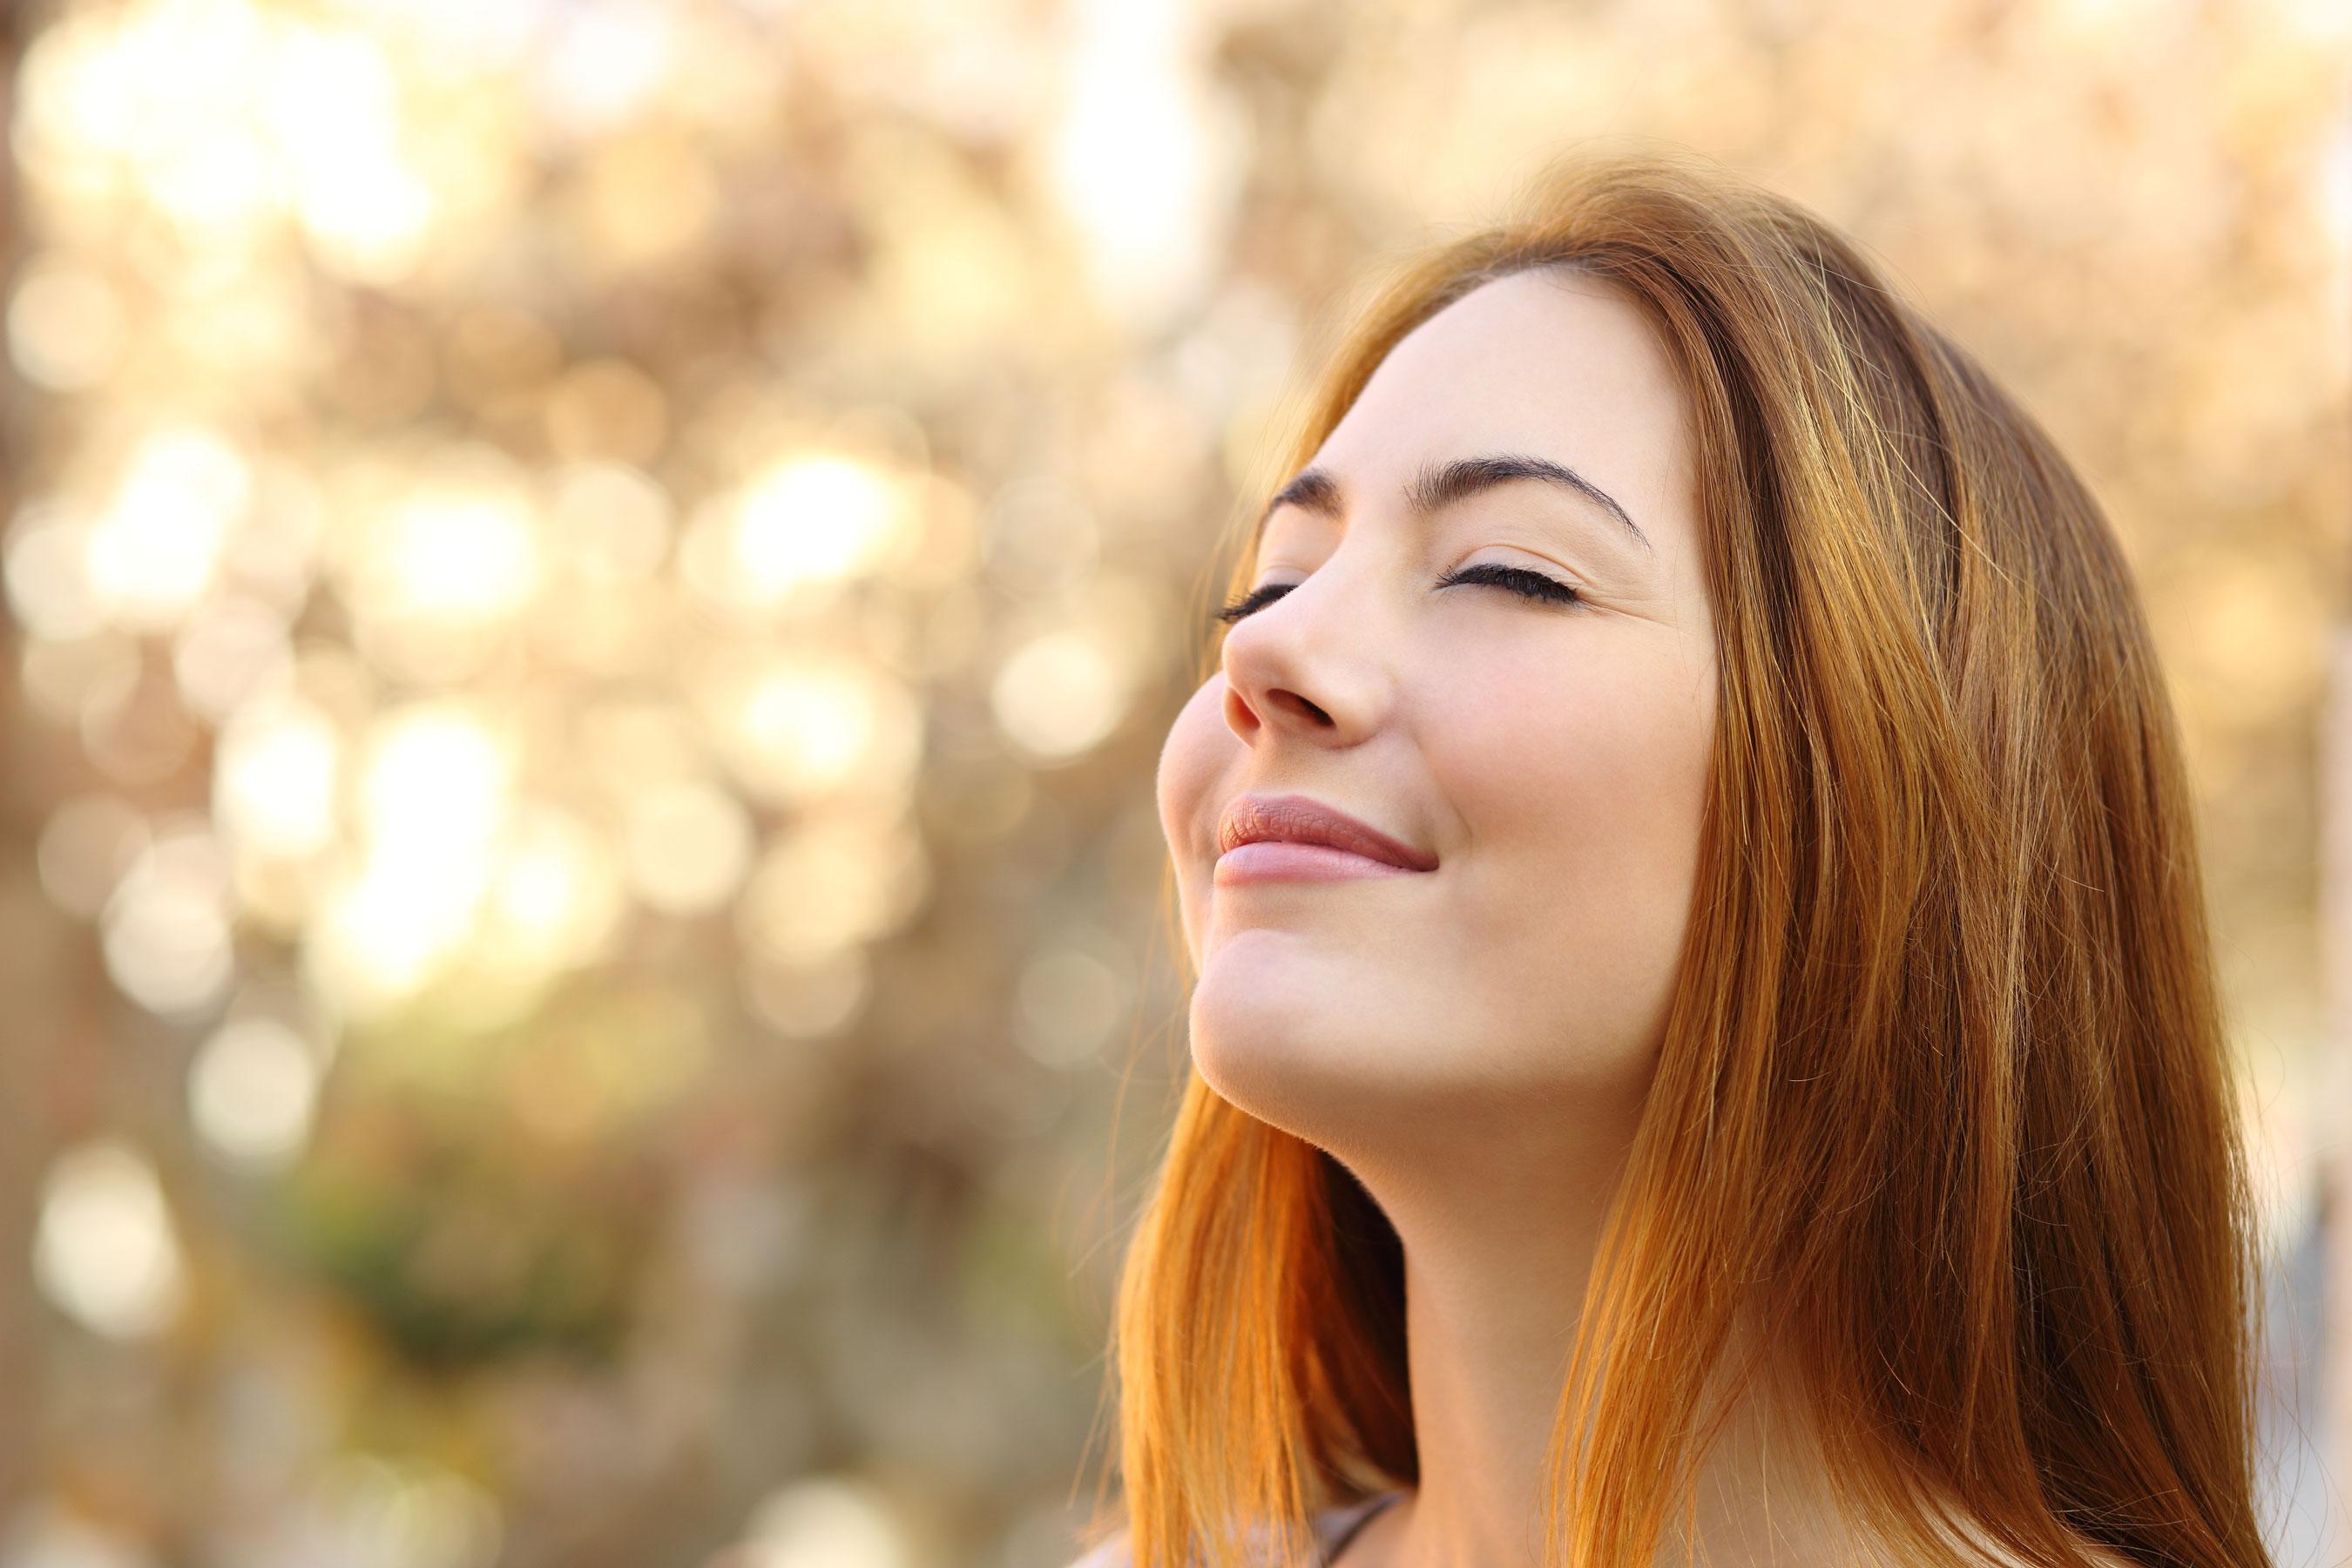 Come trasformare le emozioni negative e vivere la vita con gioia